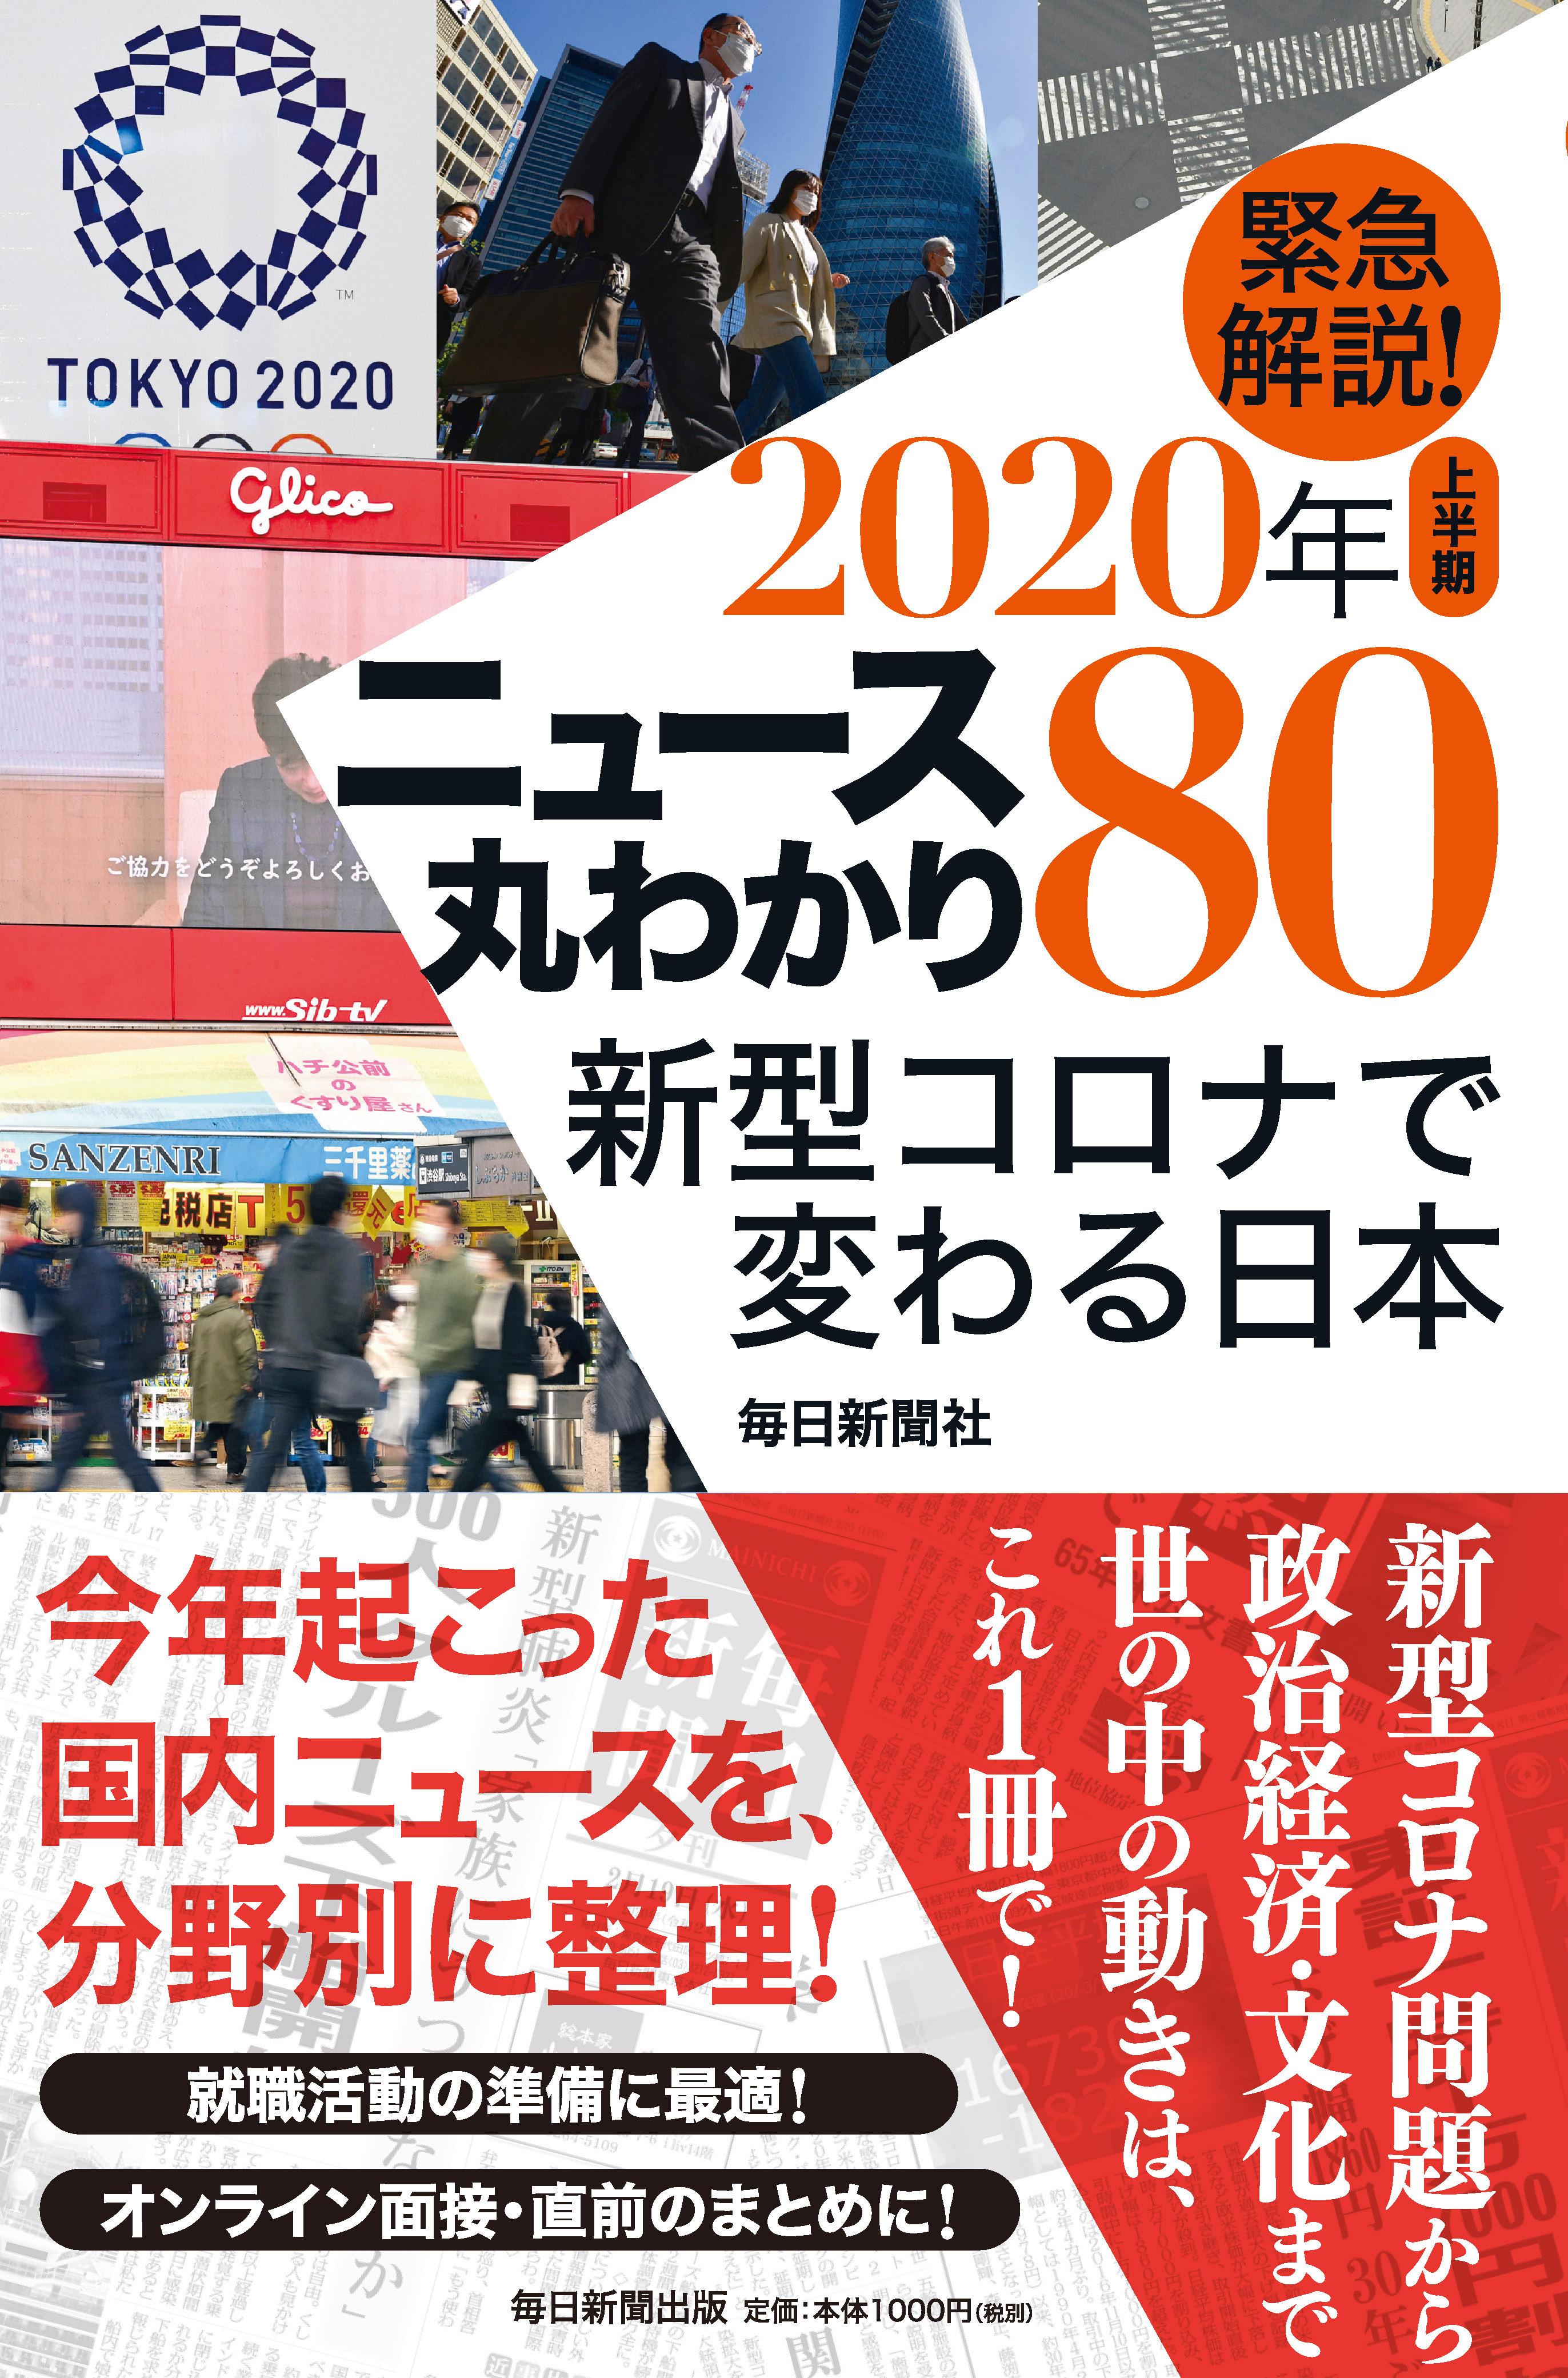 書影:緊急解説!2020年上半期 ニュース丸わかり80  新型コロナで変わる日本